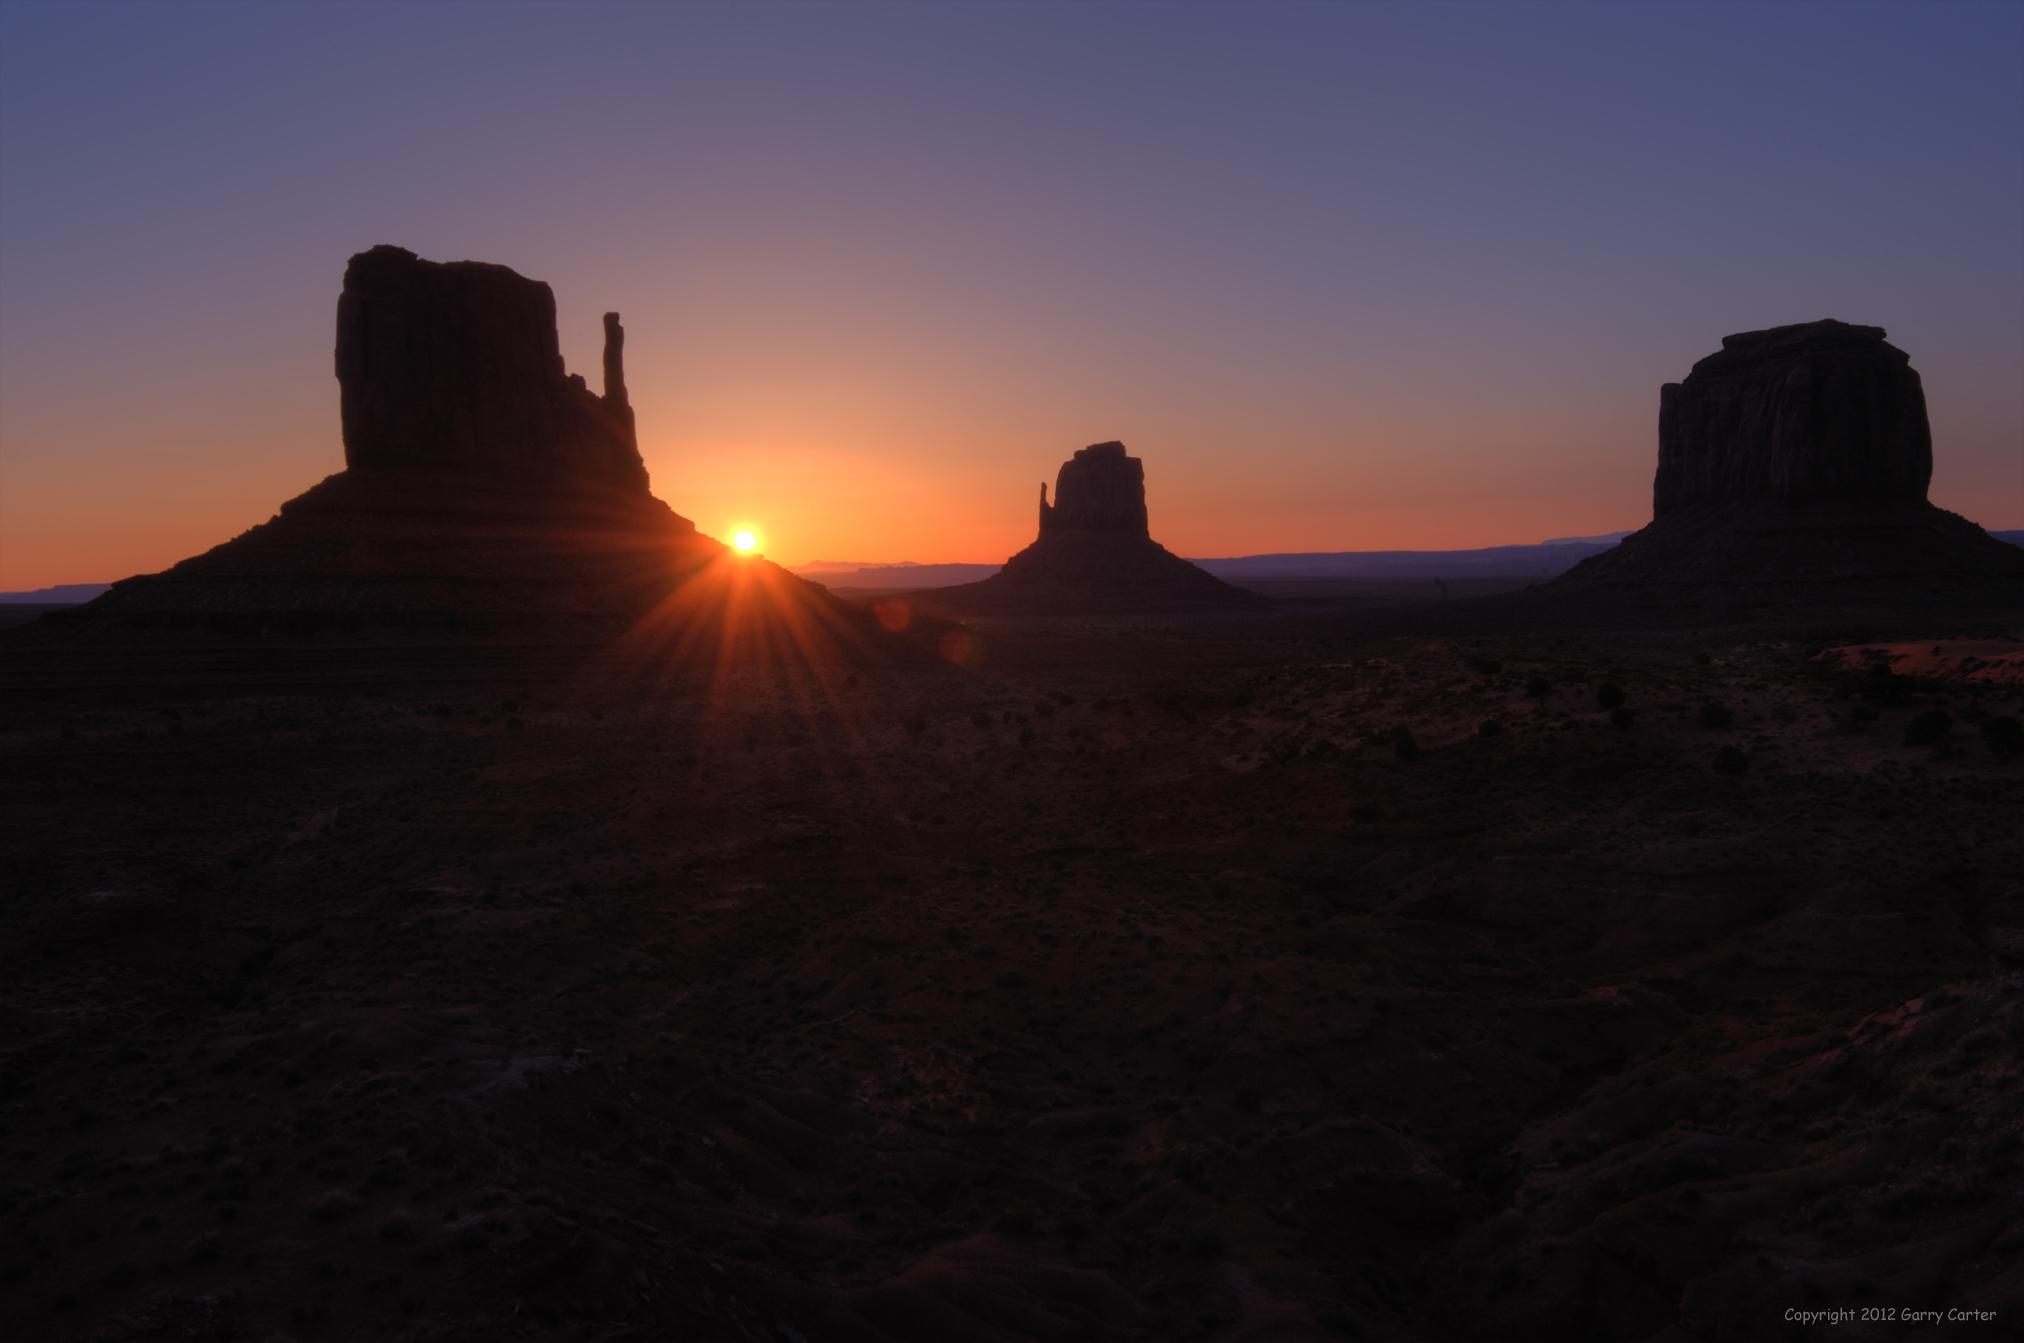 _GC73283-7TM Monument Valley Sunrise.jpg